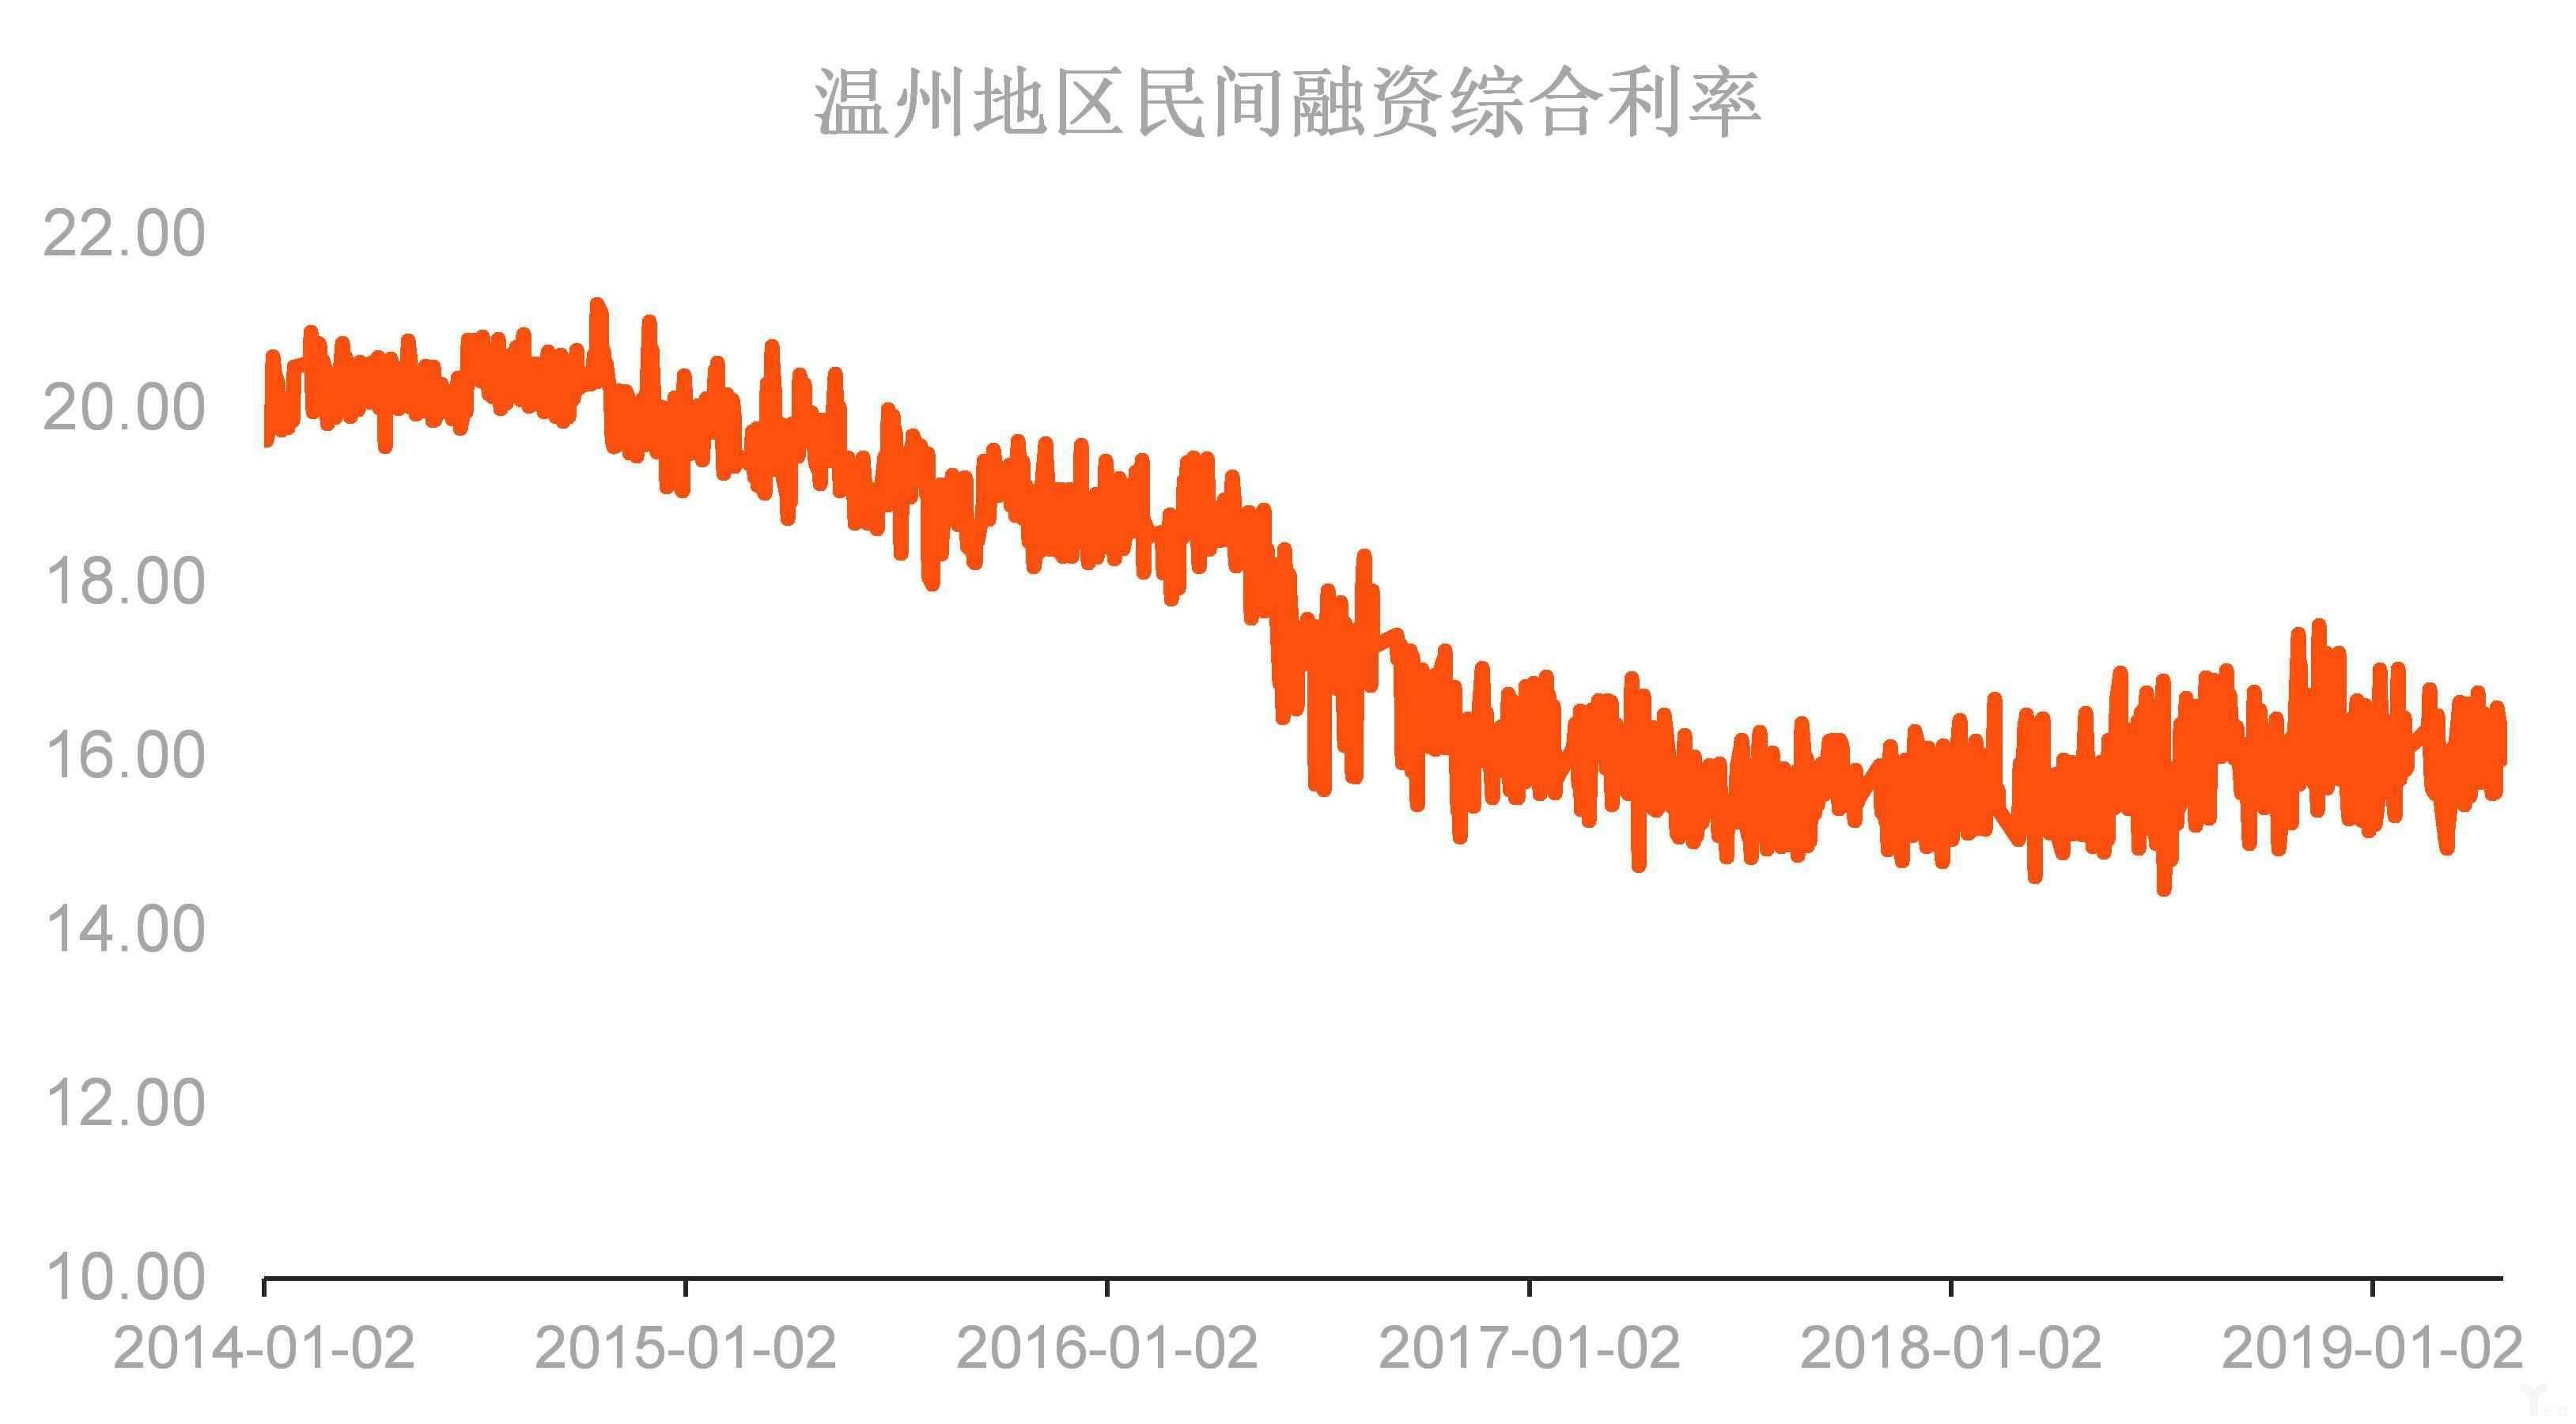 温州地区民间融资综合利率